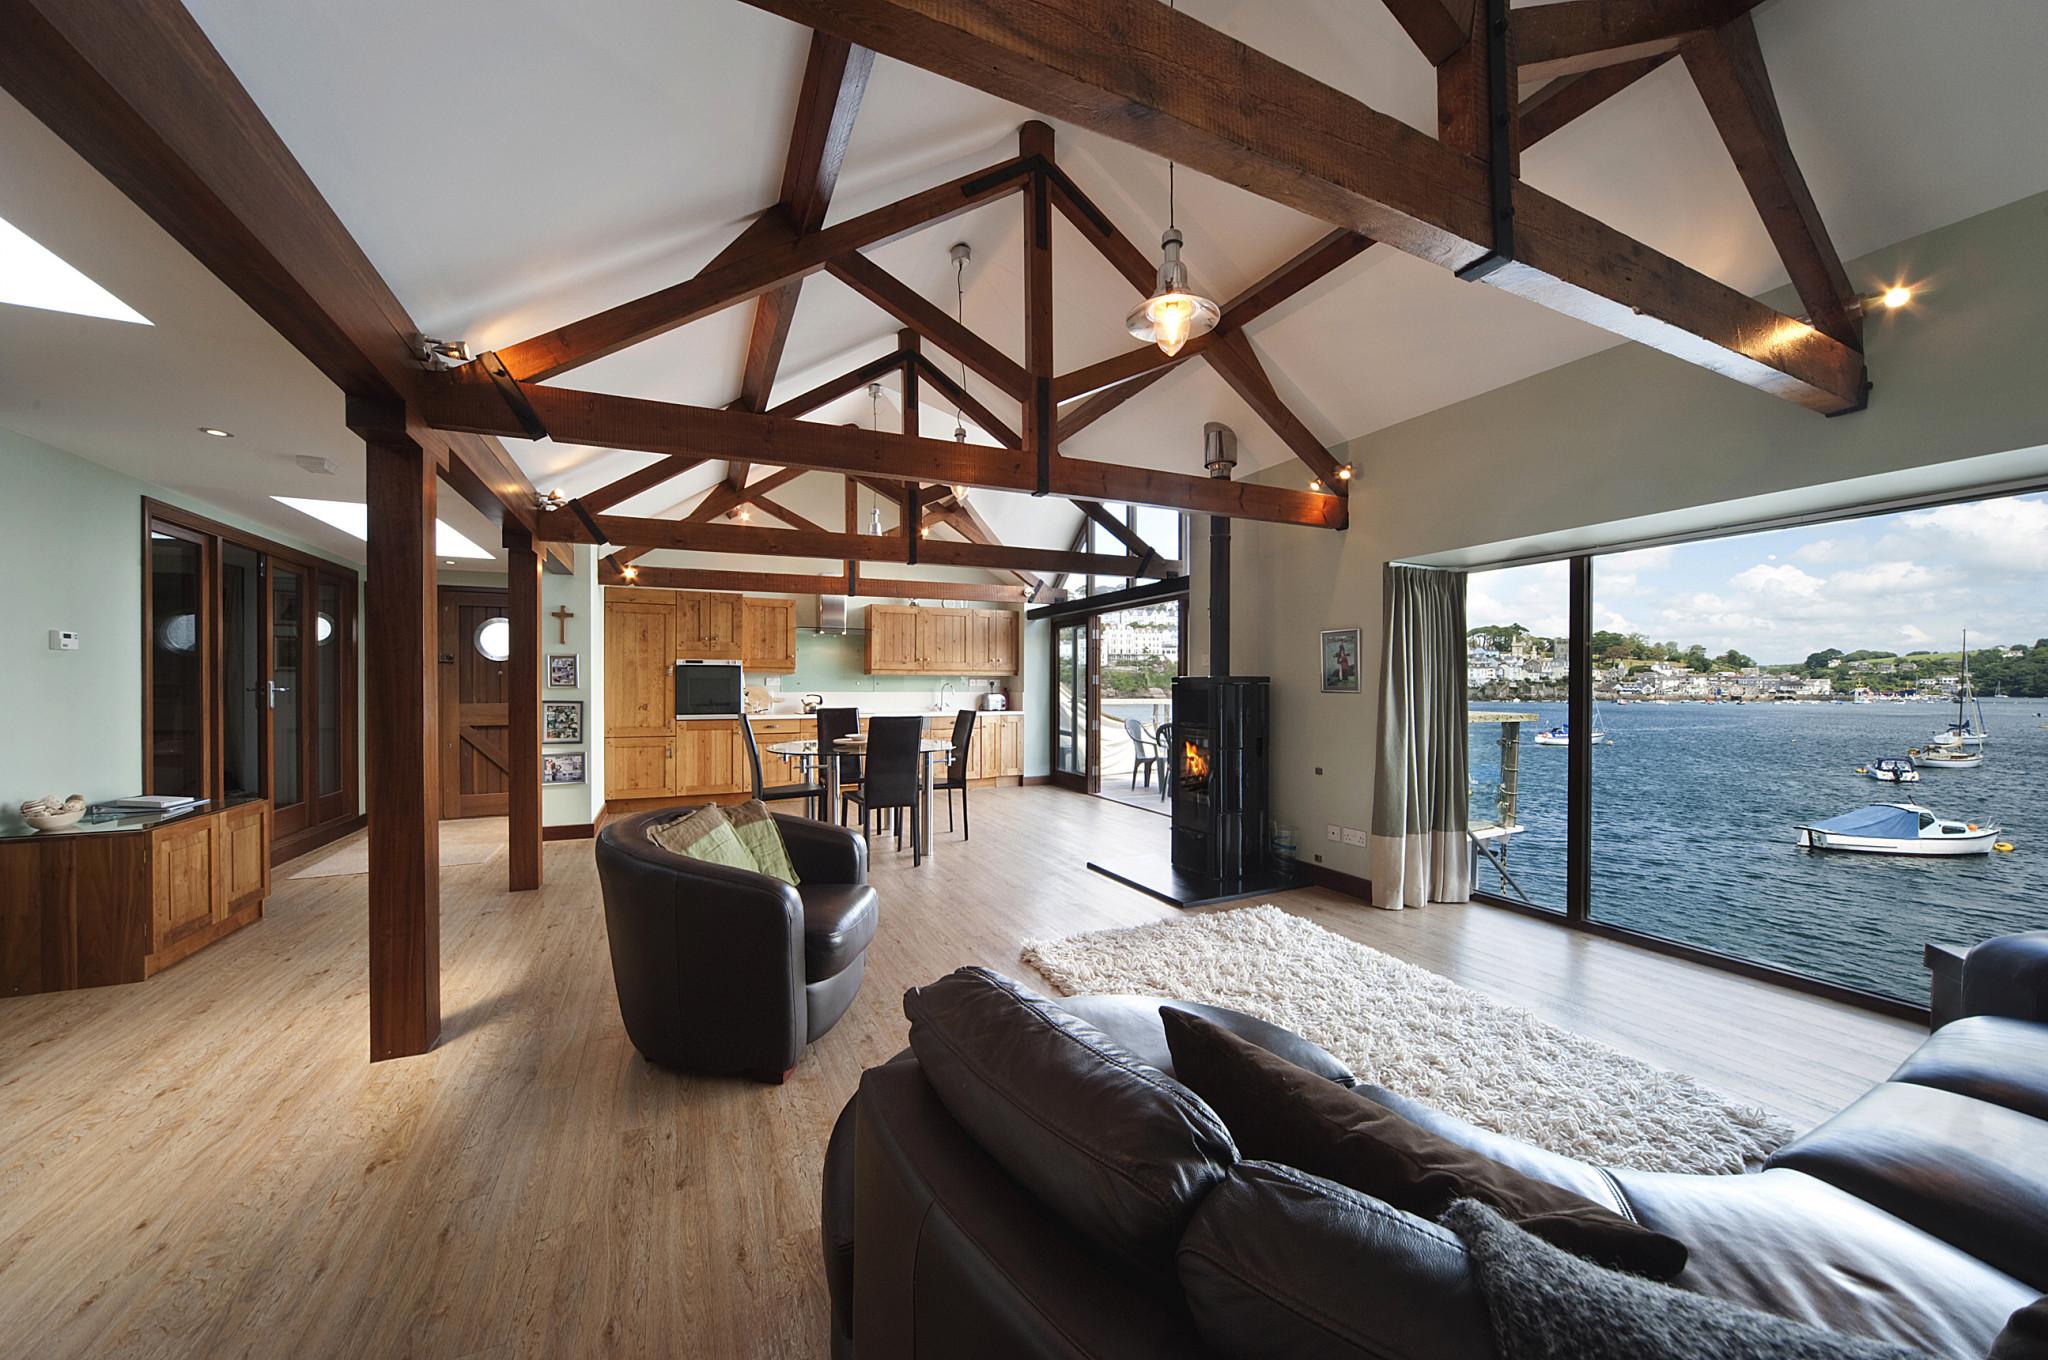 0711-0281_truro-theoldboathouse-kitchenloungediningroom